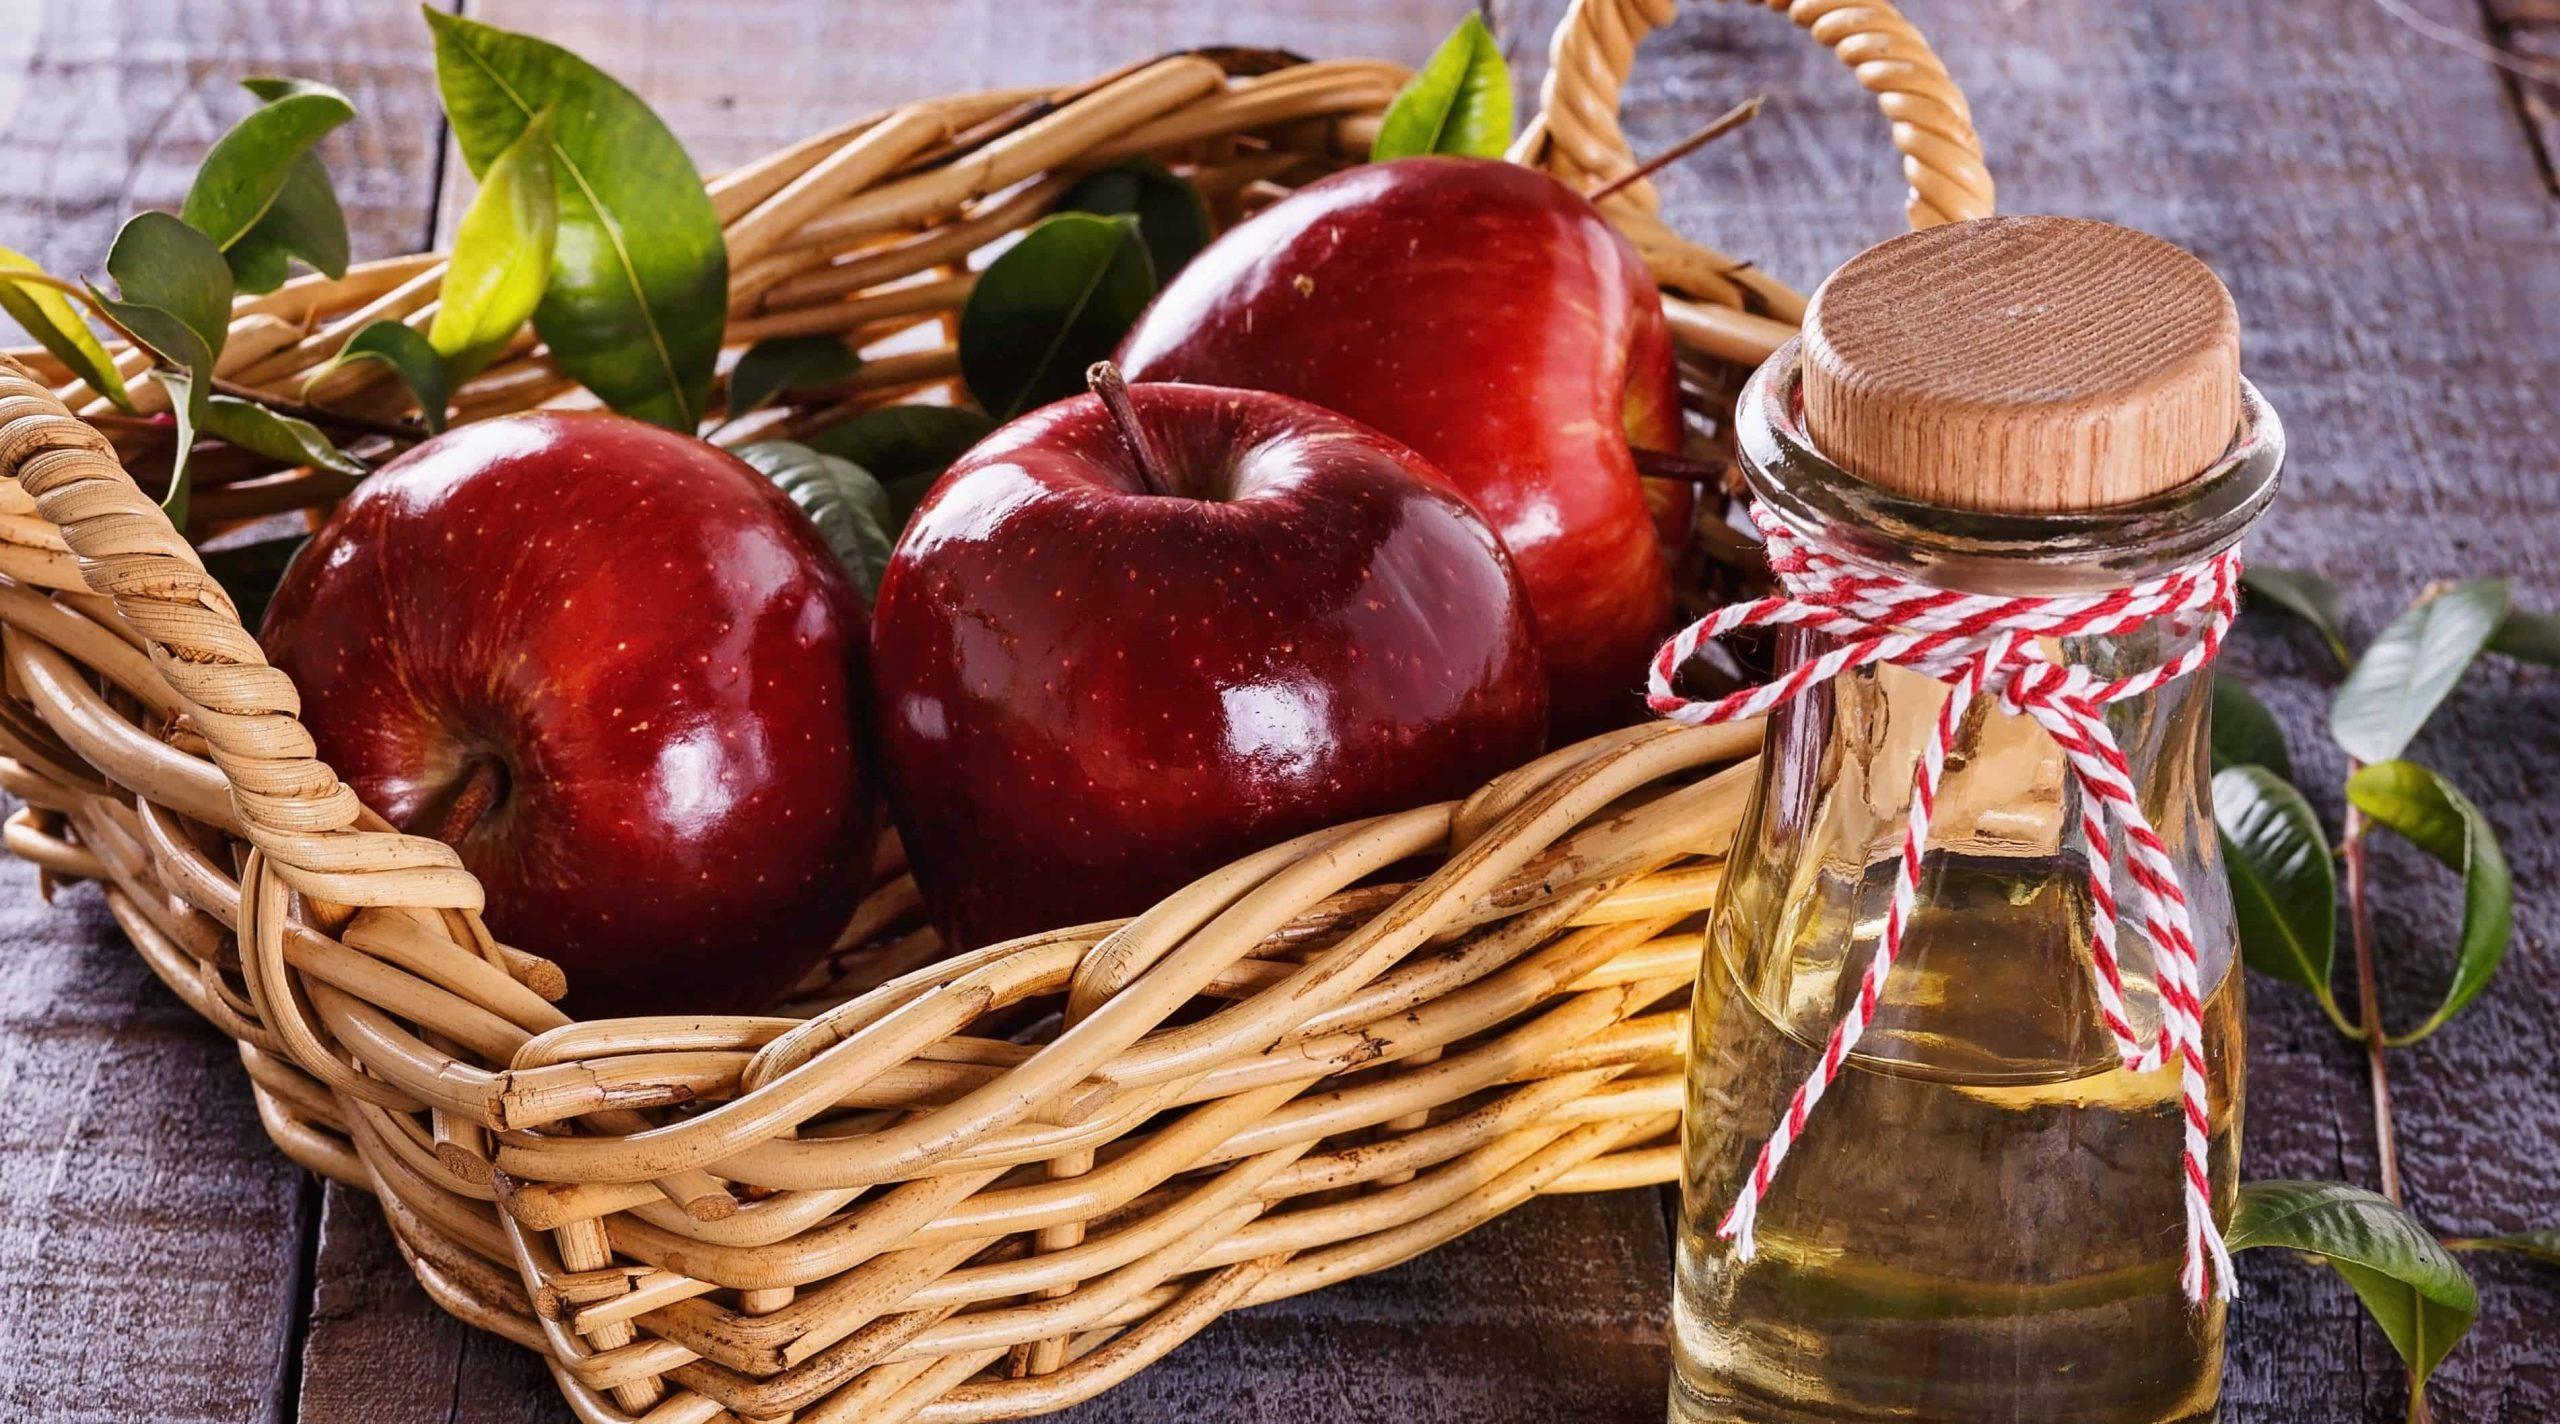 Miglior aceto di mele 2020: Guida all'acquisto